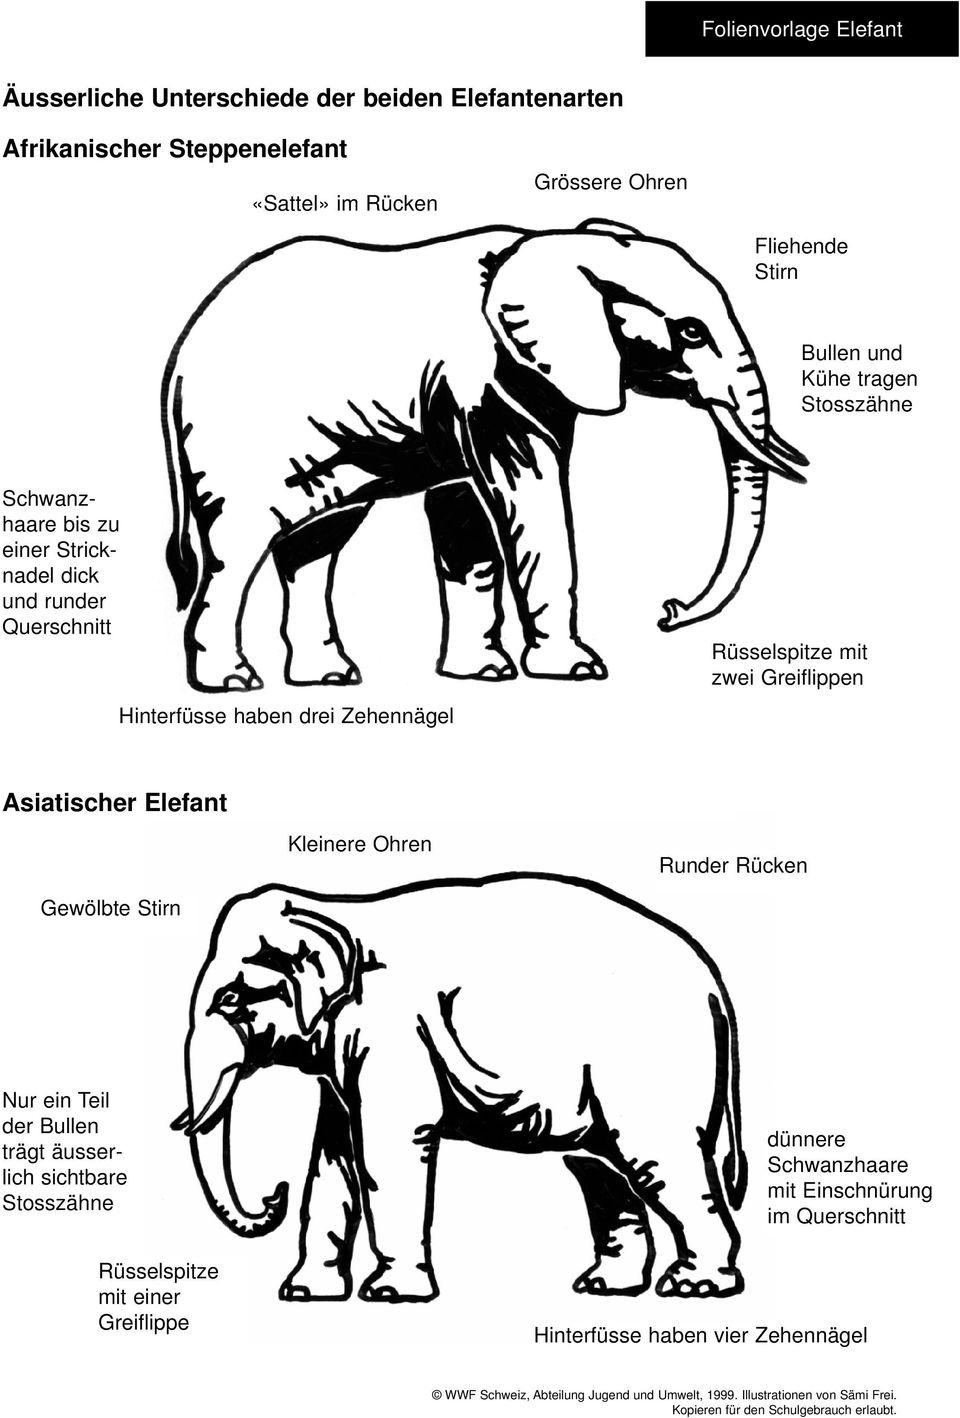 Elefanten. Vortragsdossier Des Wwf Schweiz - Pdf bestimmt für Unterschied Afrikanischer Und Indischer Elefant